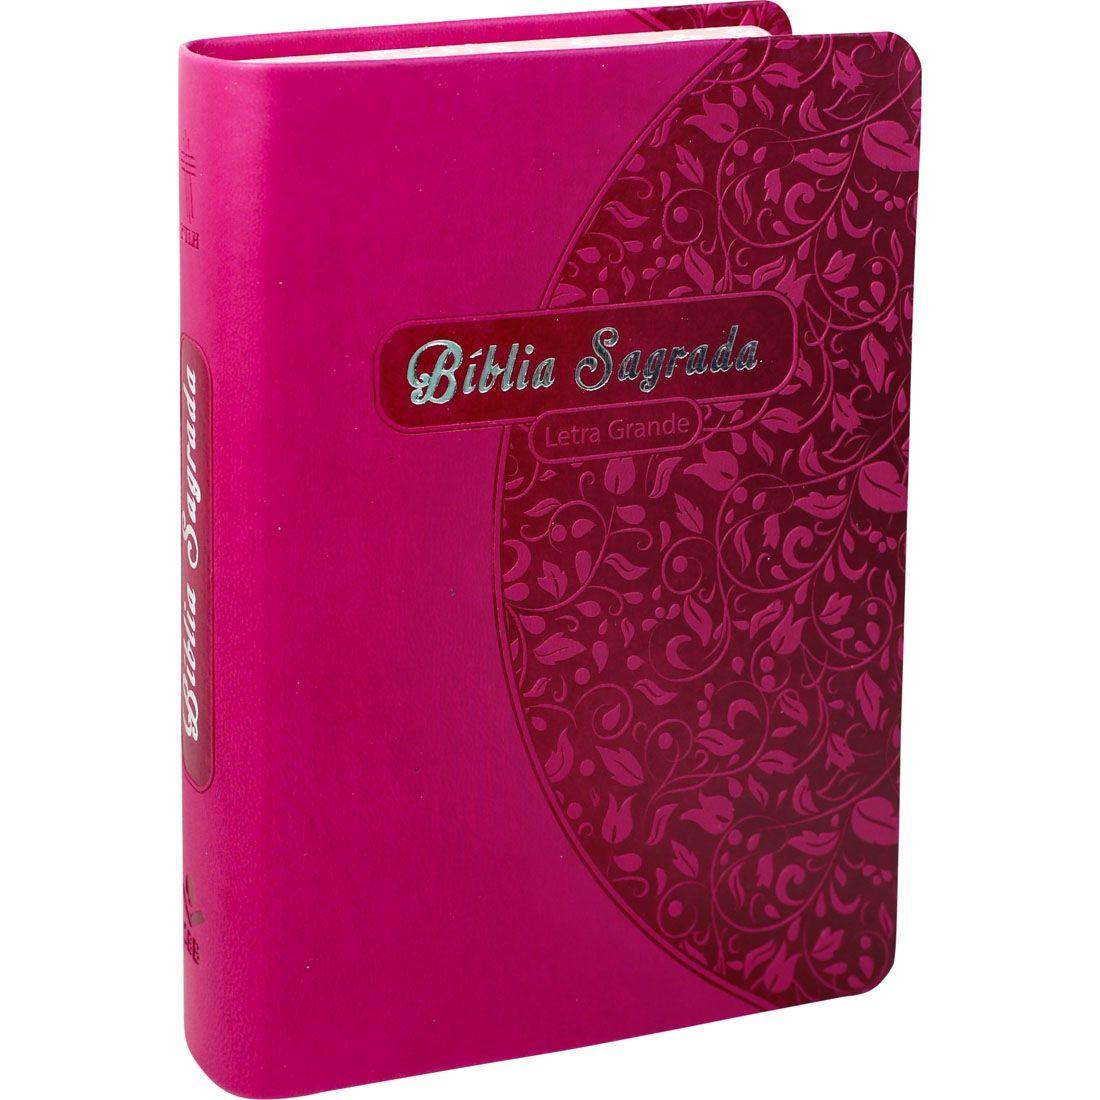 Bíblia Sagrada Evangélica NTLH Letra Grande Formato Pequeno Linguagem Fácil Cor Pink